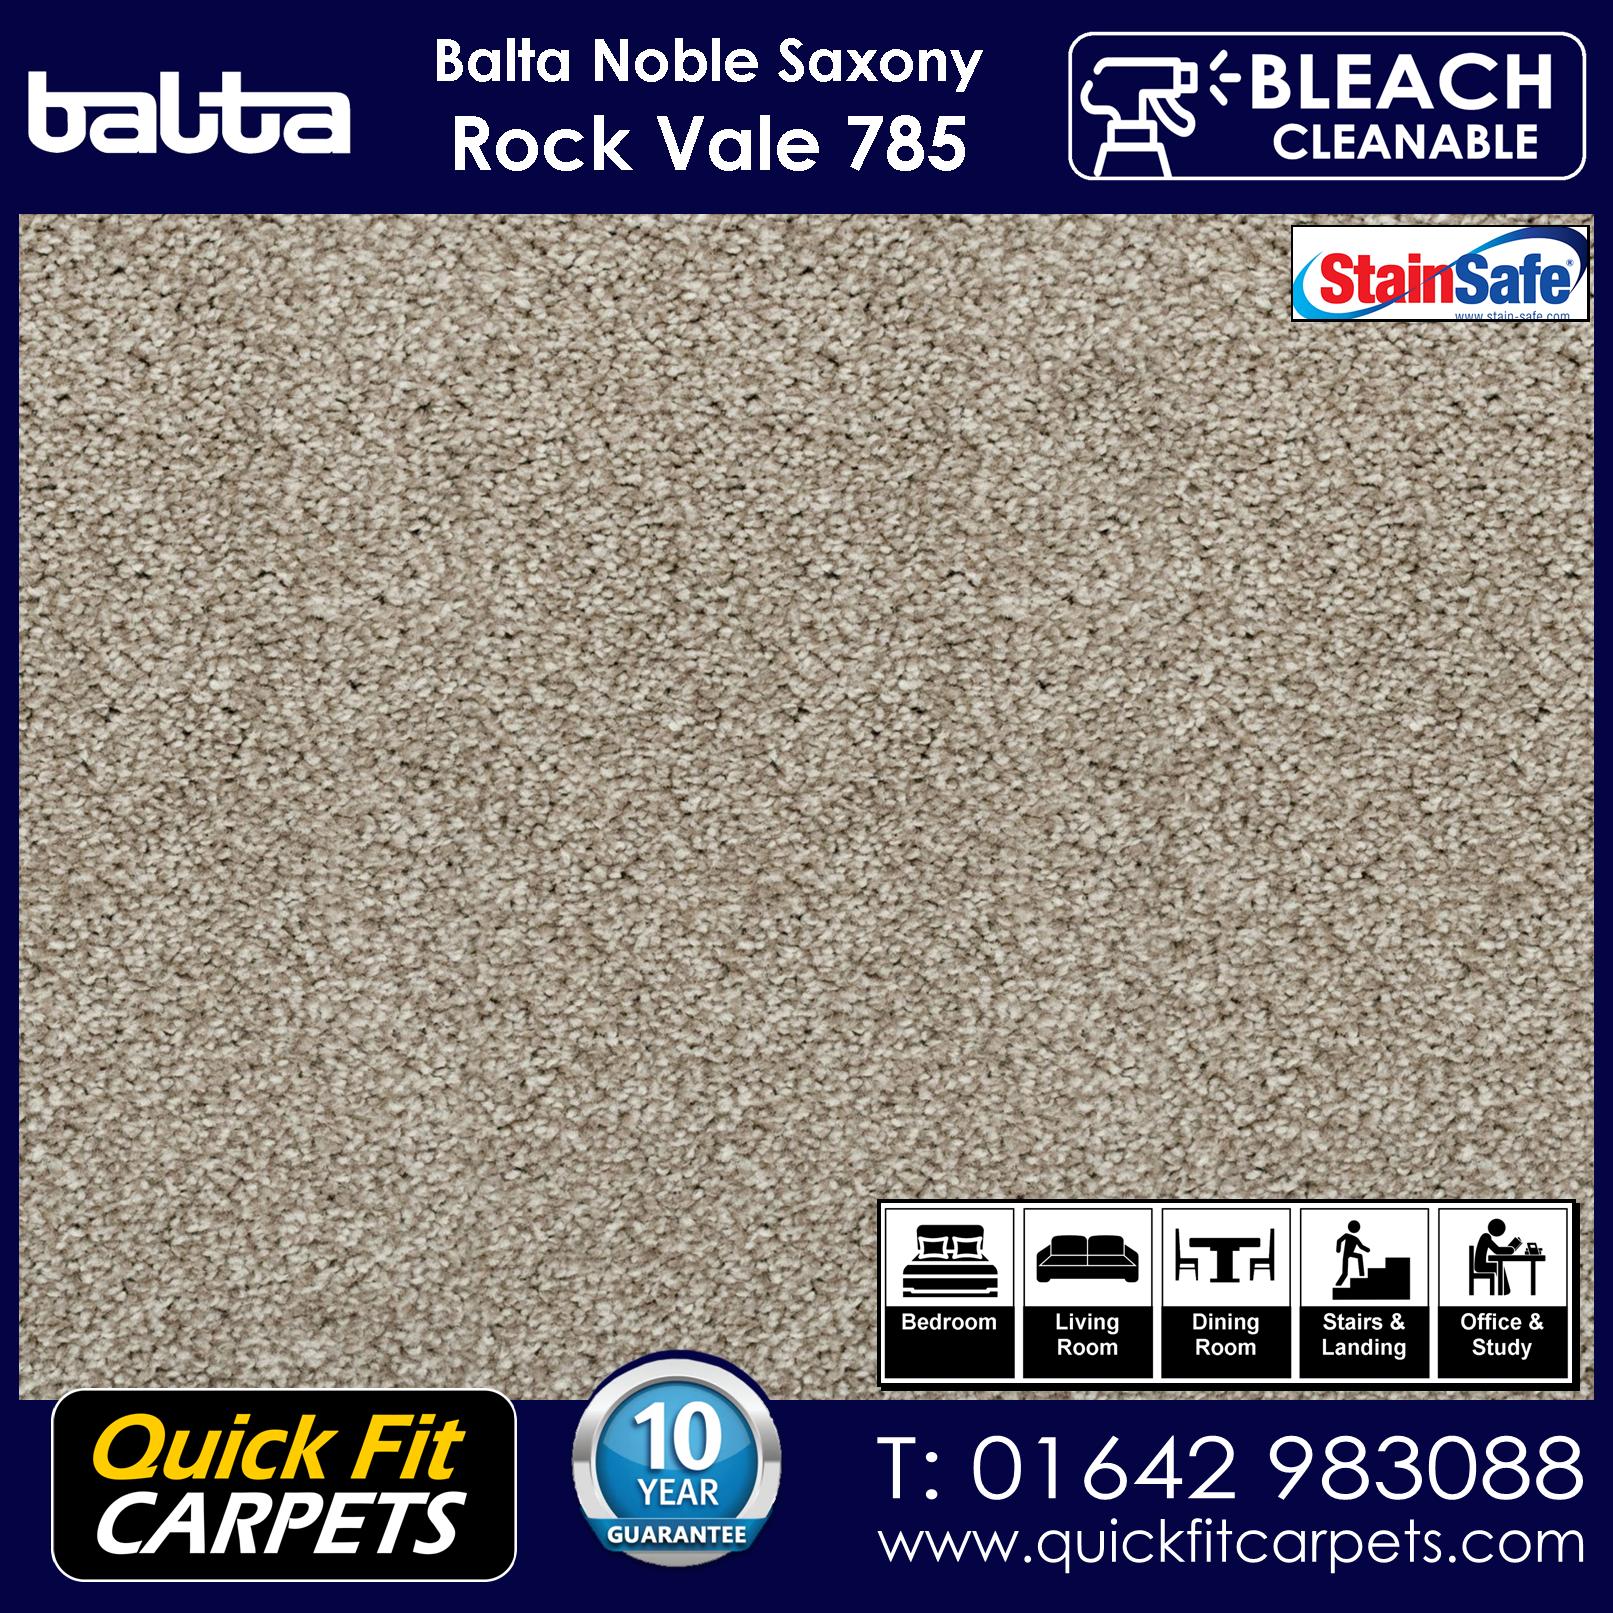 Quick Fit Carpets Balta Luxury Pile Rock Vale 785